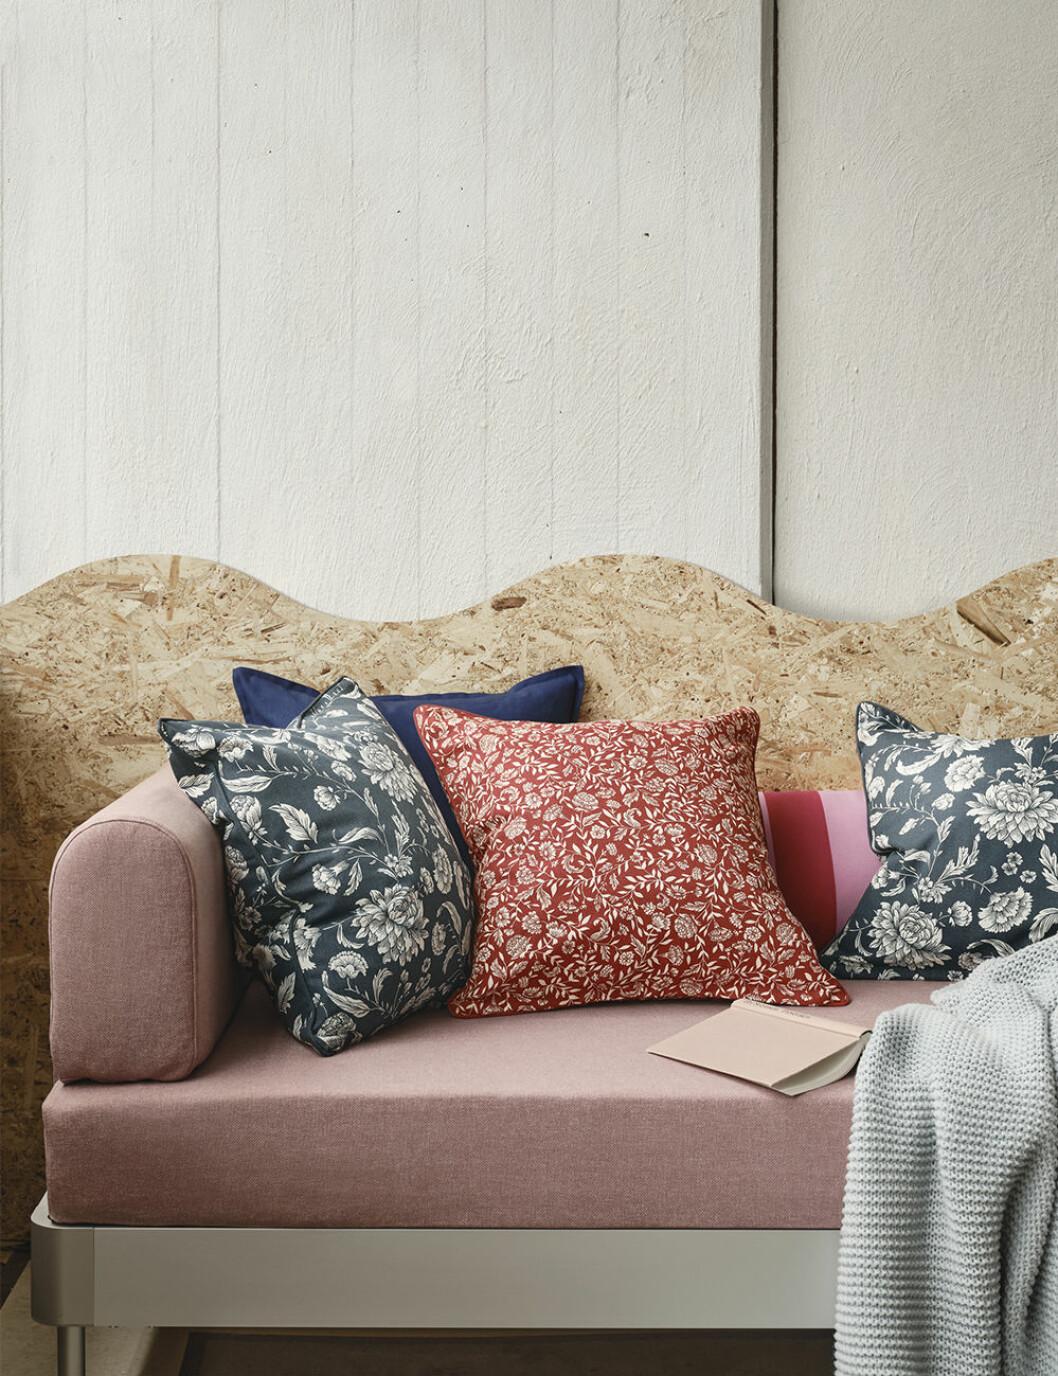 Kuddarna Evalouise och Idalinnea från Ikea